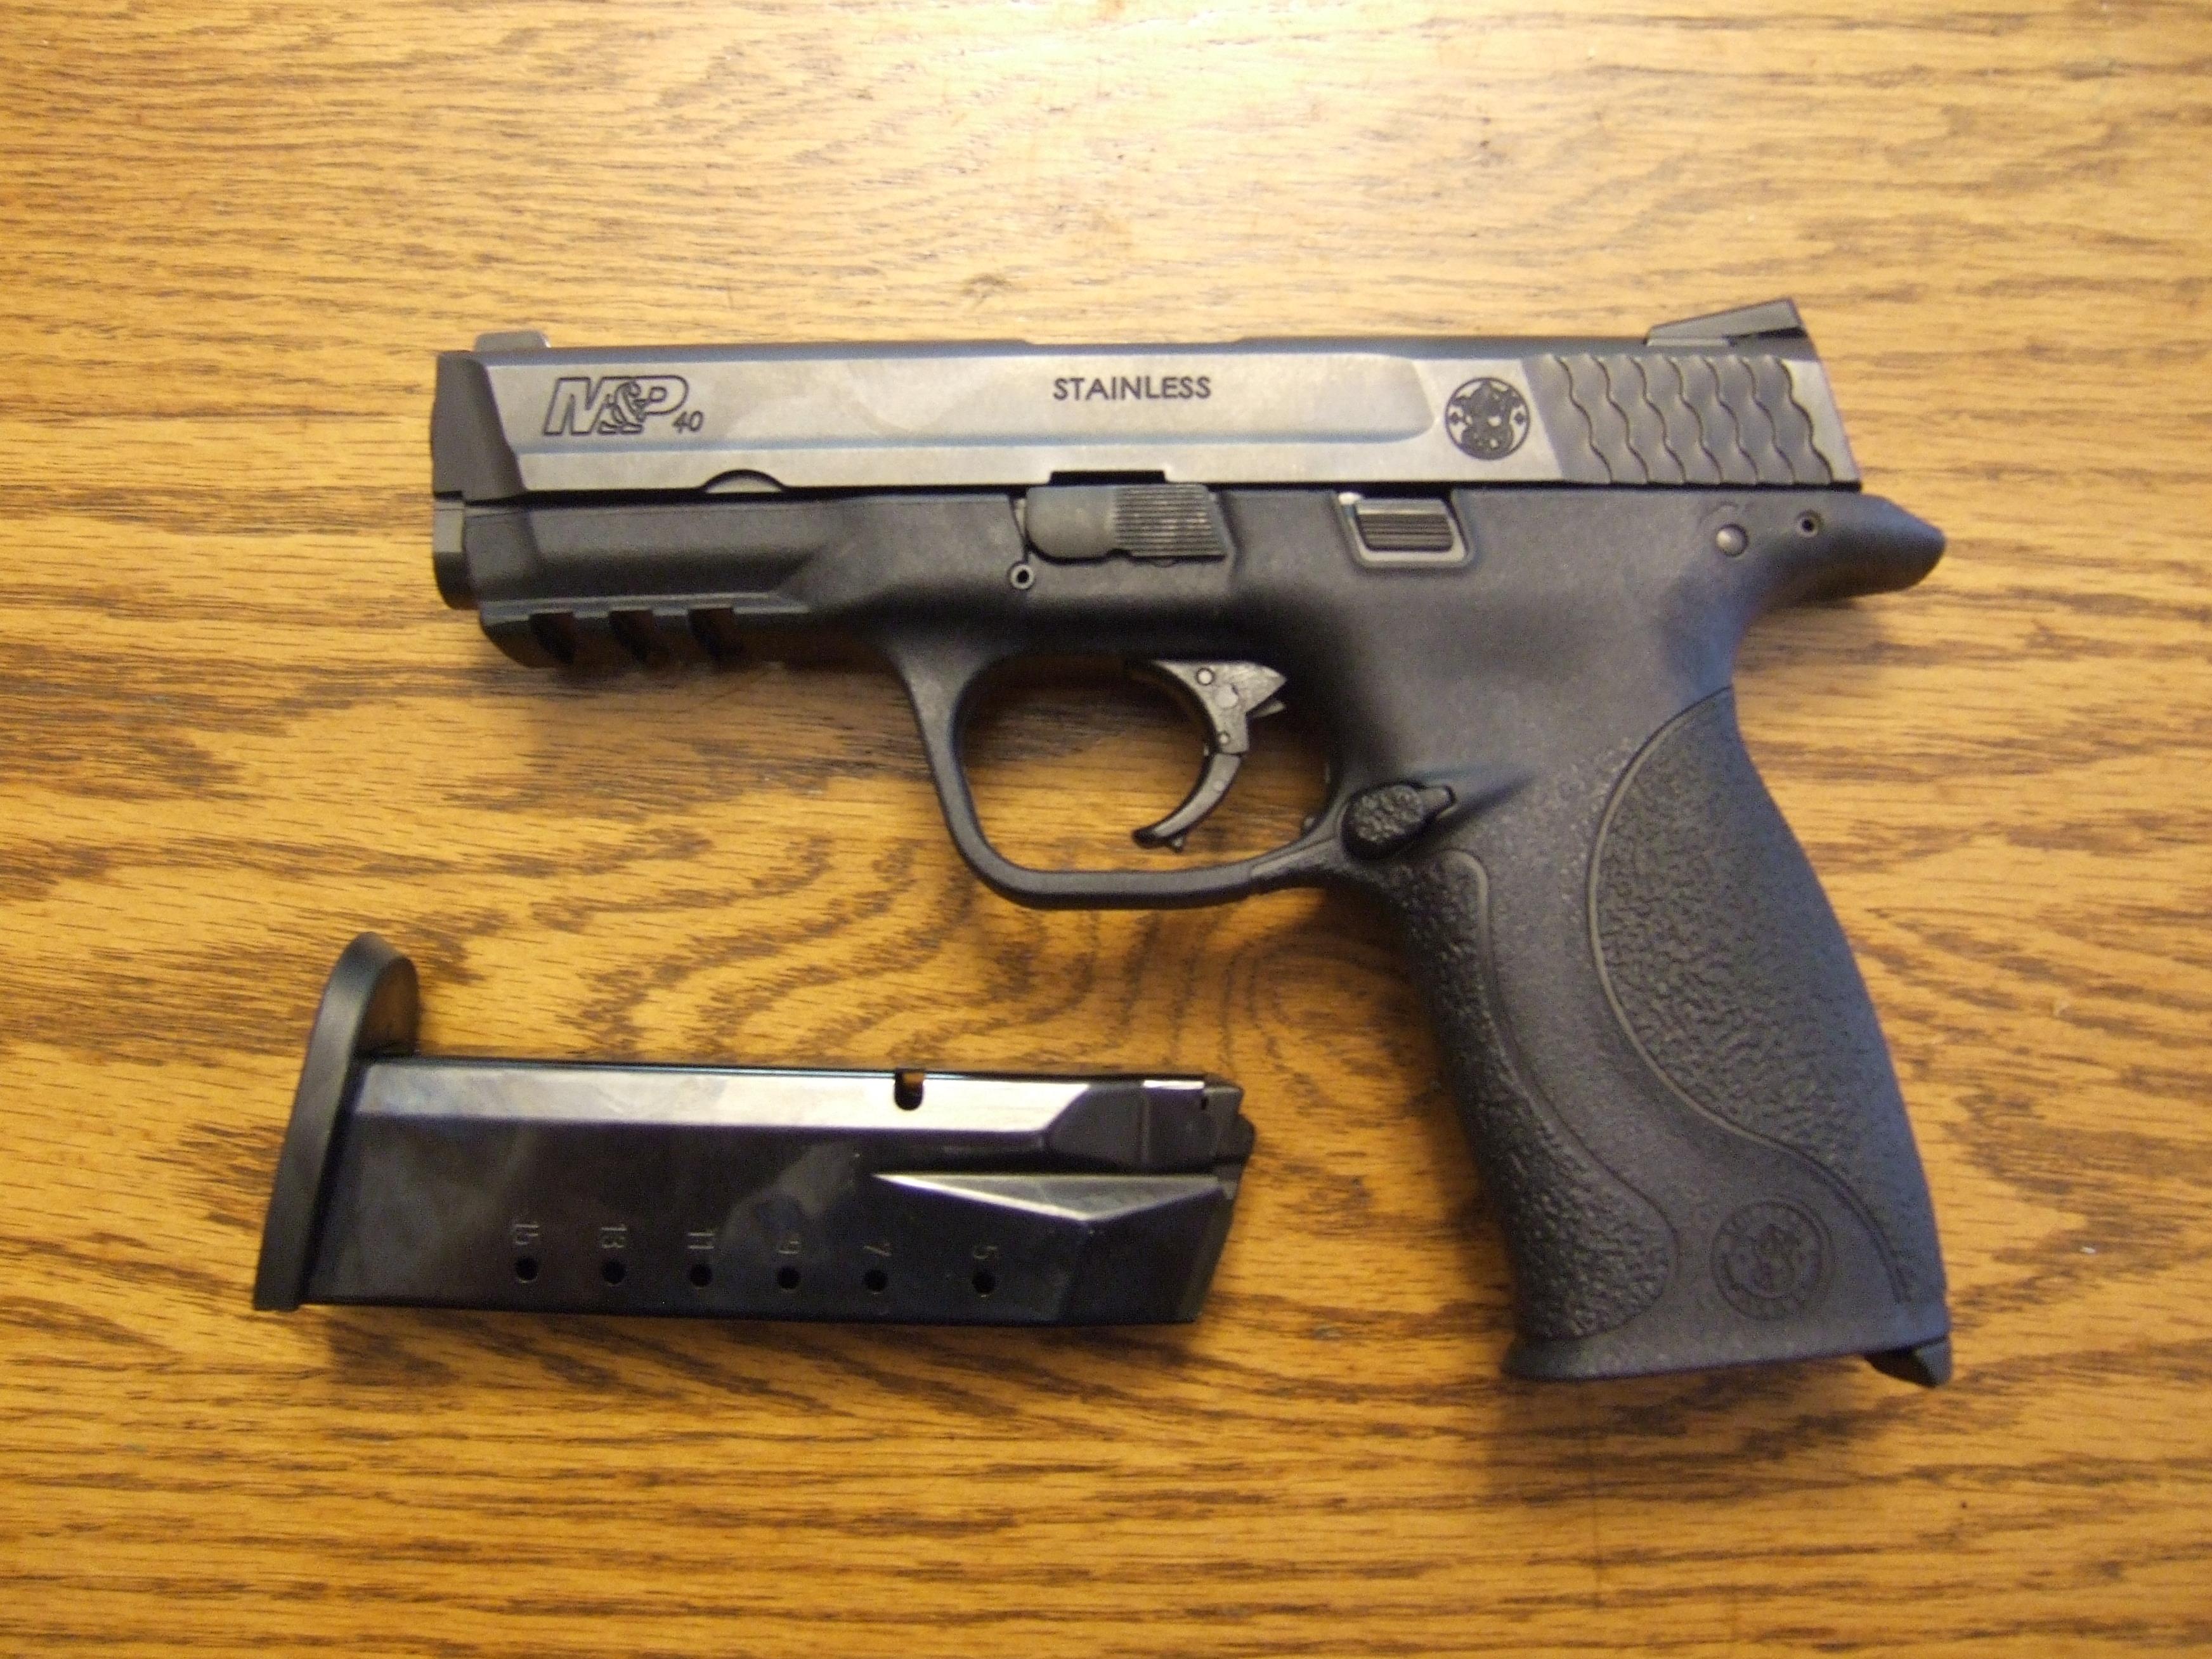 Smith & Wesson M&P - Wikipedia